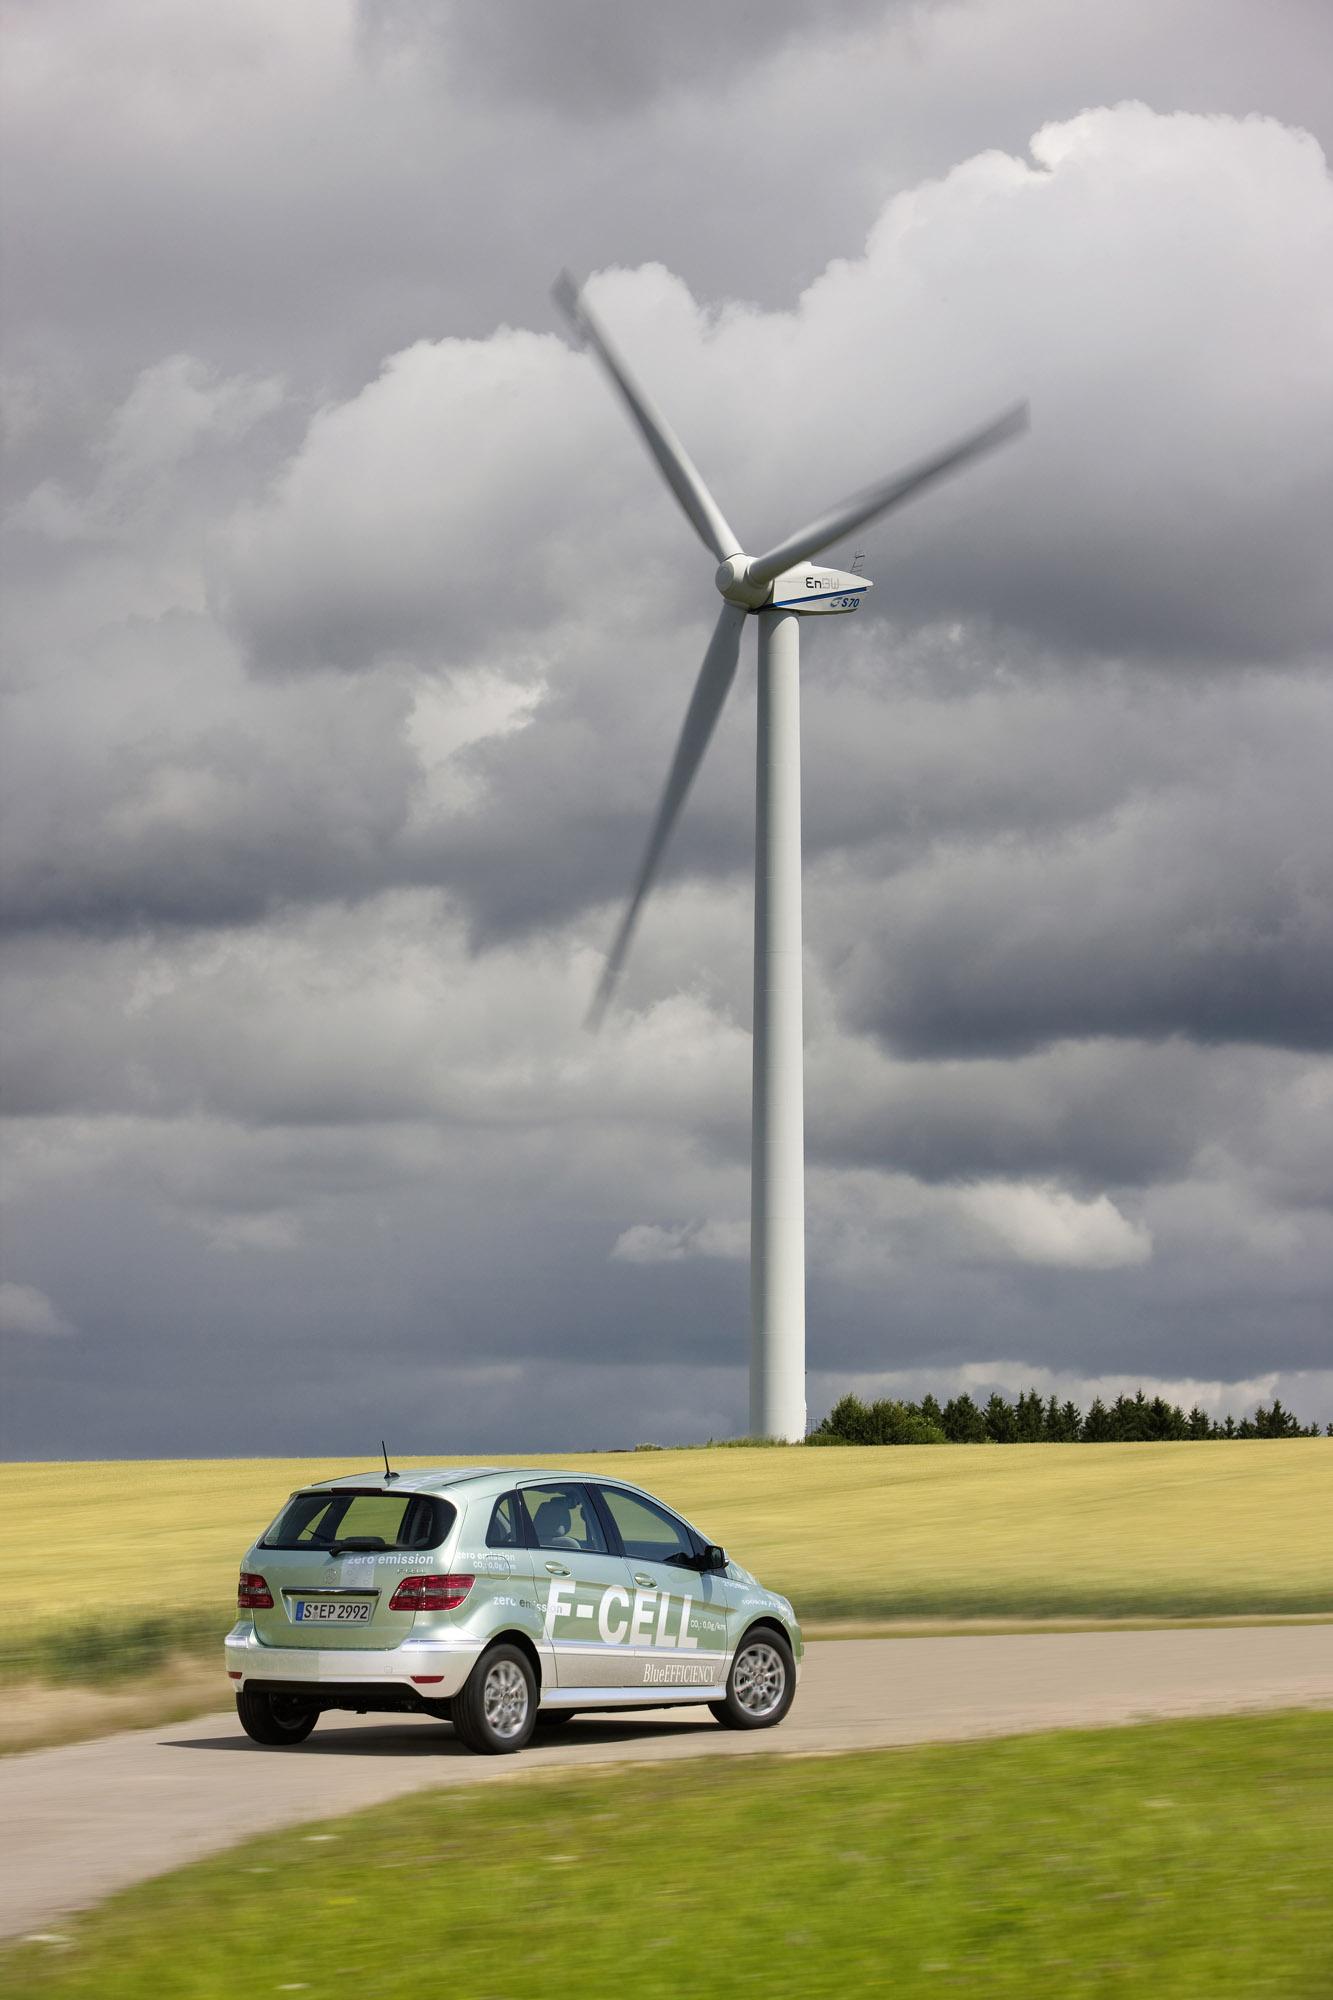 Mercedes-Benz B-класса F-CELL - новый ноль выбросов strike - фотография №4